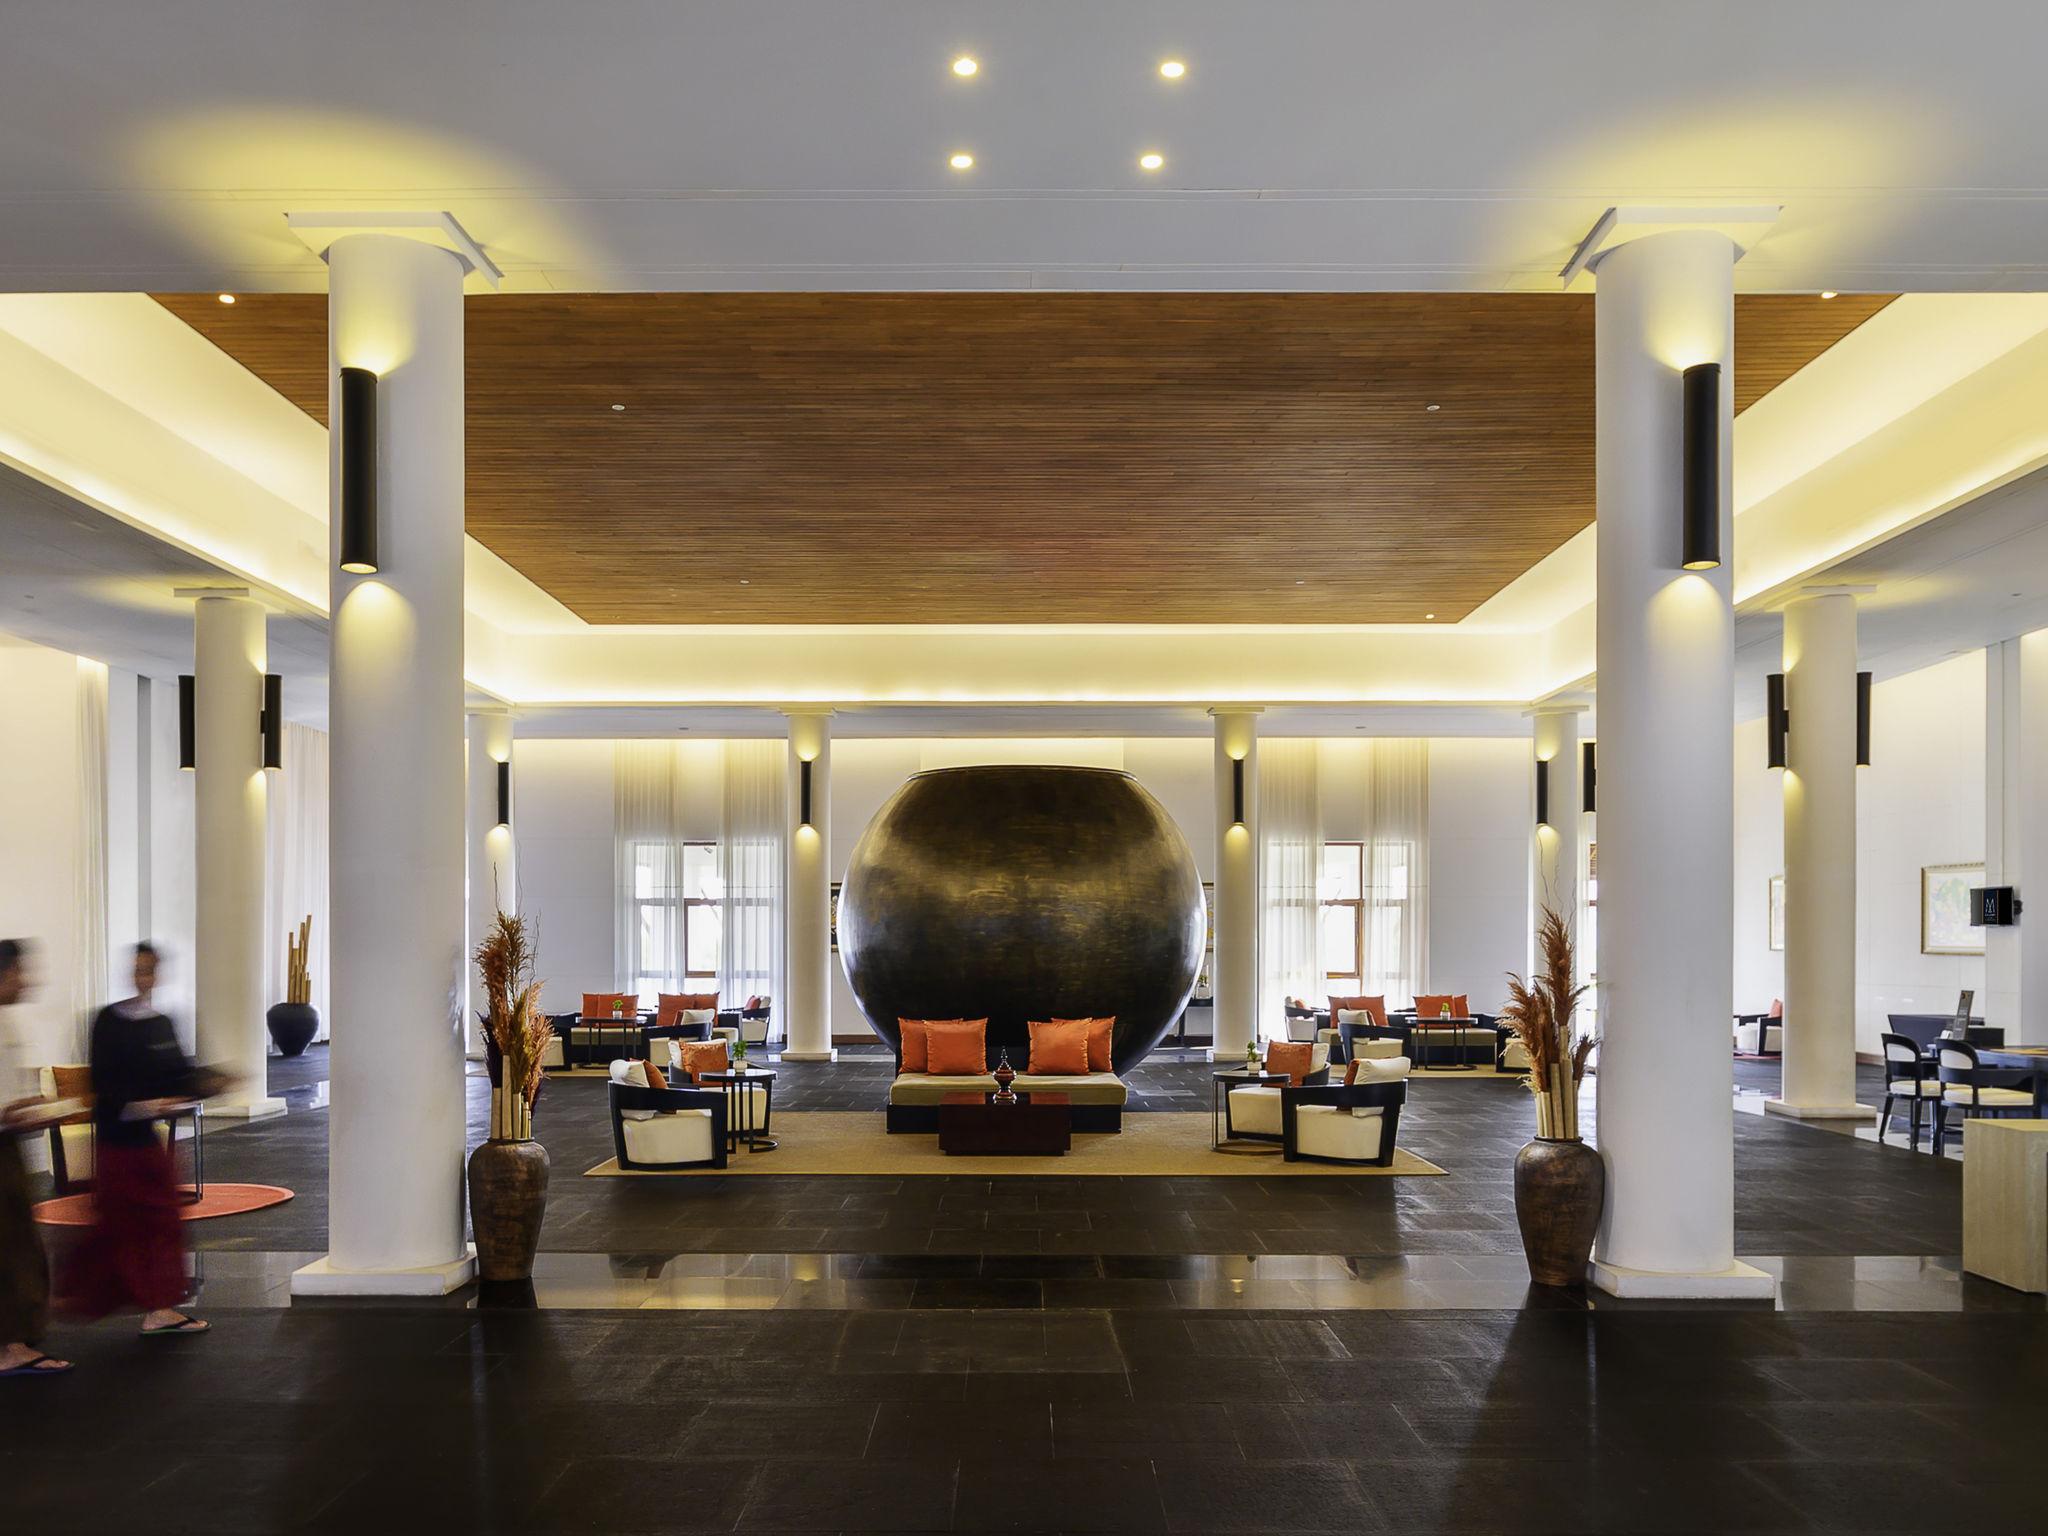 โรงแรม – เดอะ เลค การ์เด้น เนปีดอ เอ็มแกลเลอรี บาย โซฟิเทล